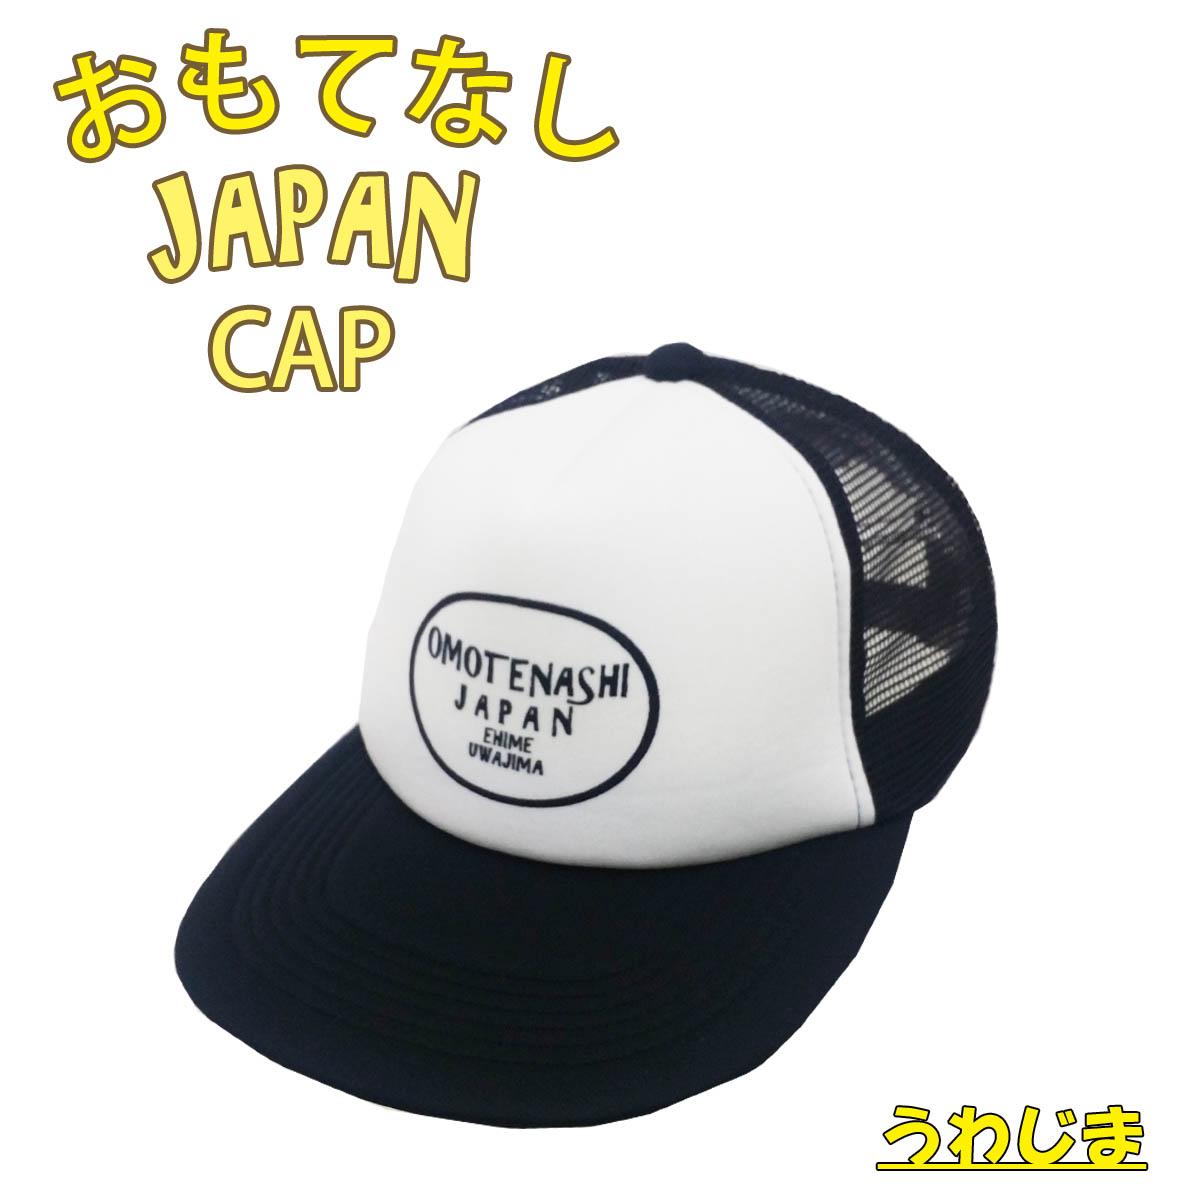 消費税込 送料込 春 夏 帽子 [再販ご予約限定送料無料] メッシュキャップ アメリカンキャップ JAPAN 入荷予定 EHIIME omotenashi おもてなし UWAJIMA OMOTENASHI